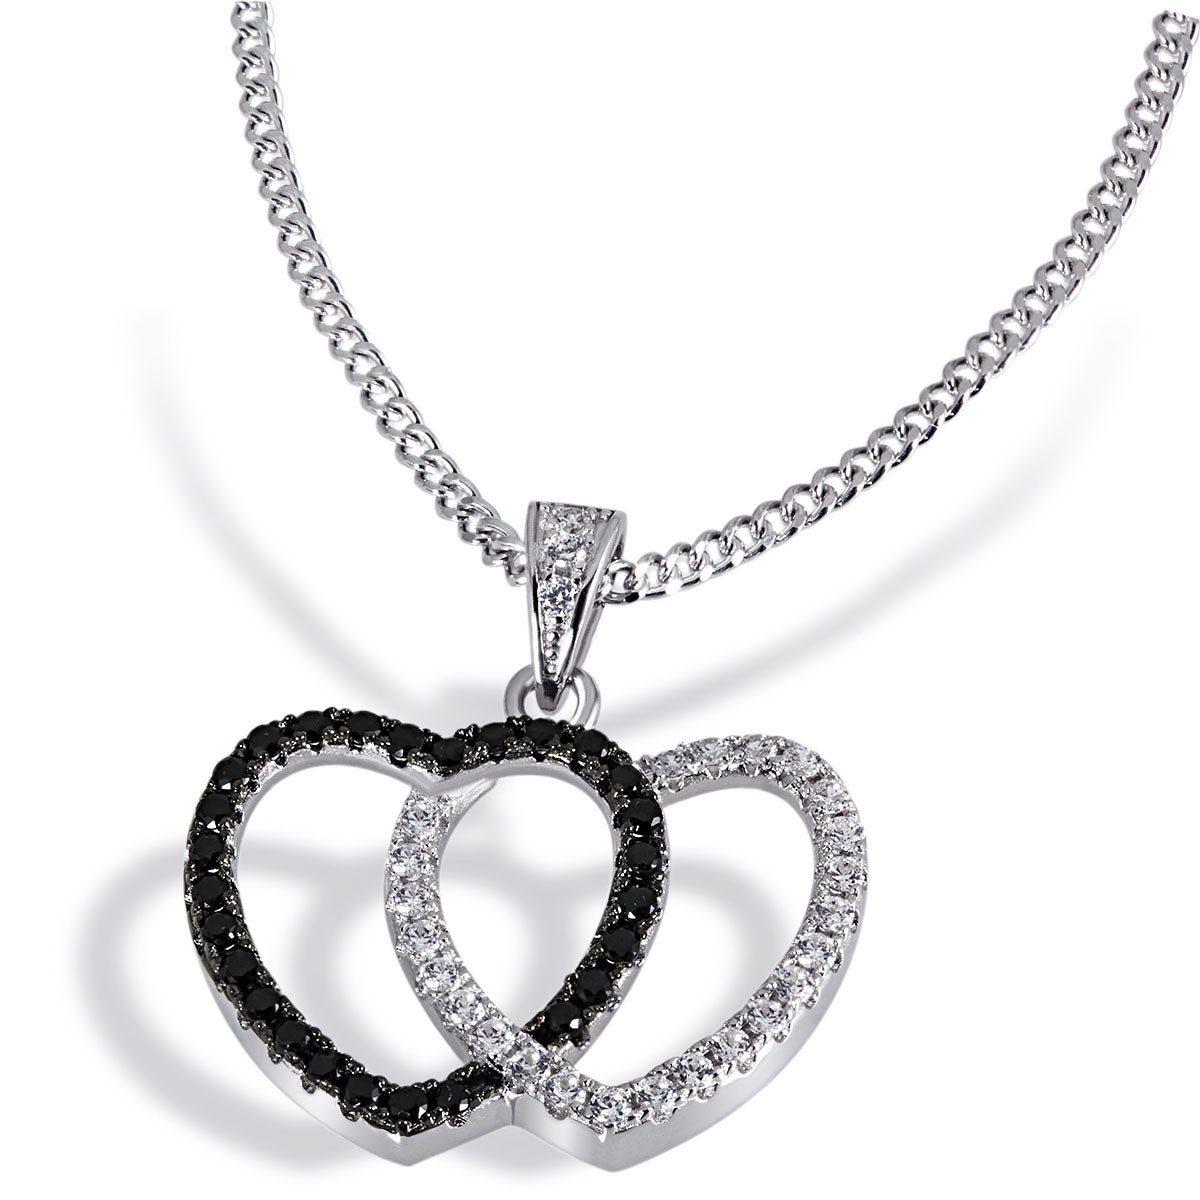 goldmaid Collier Black&White Hearts 925 Silber 27 weiße u. 27 schwarze Zi